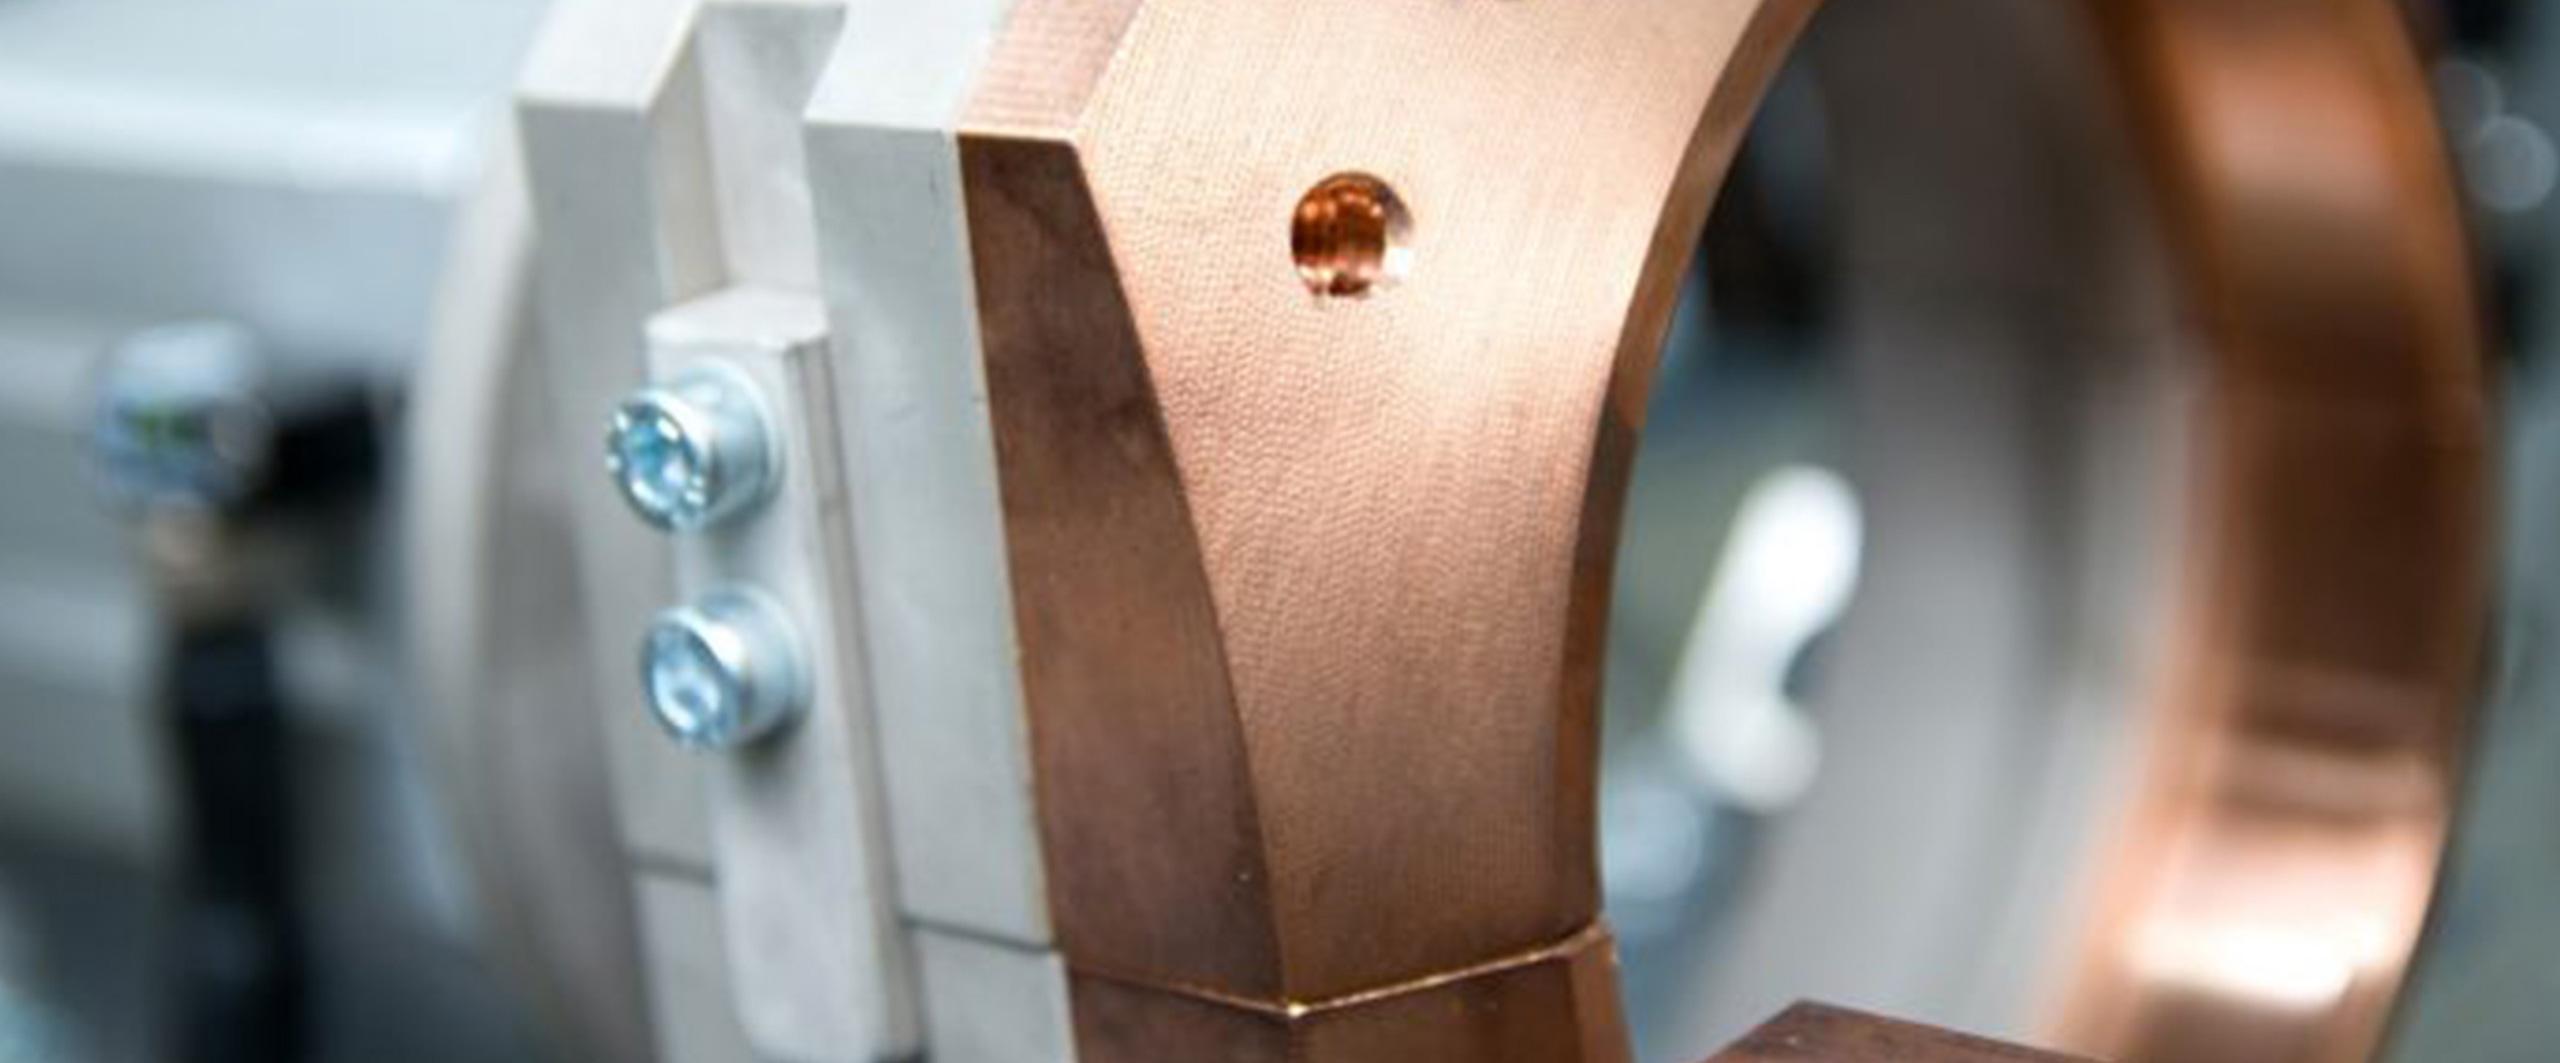 Amkon GmbH | CNC Serienbearbeitung Engineering, Maschinen- und Anlagenbau, CNC Fertigungstechnik